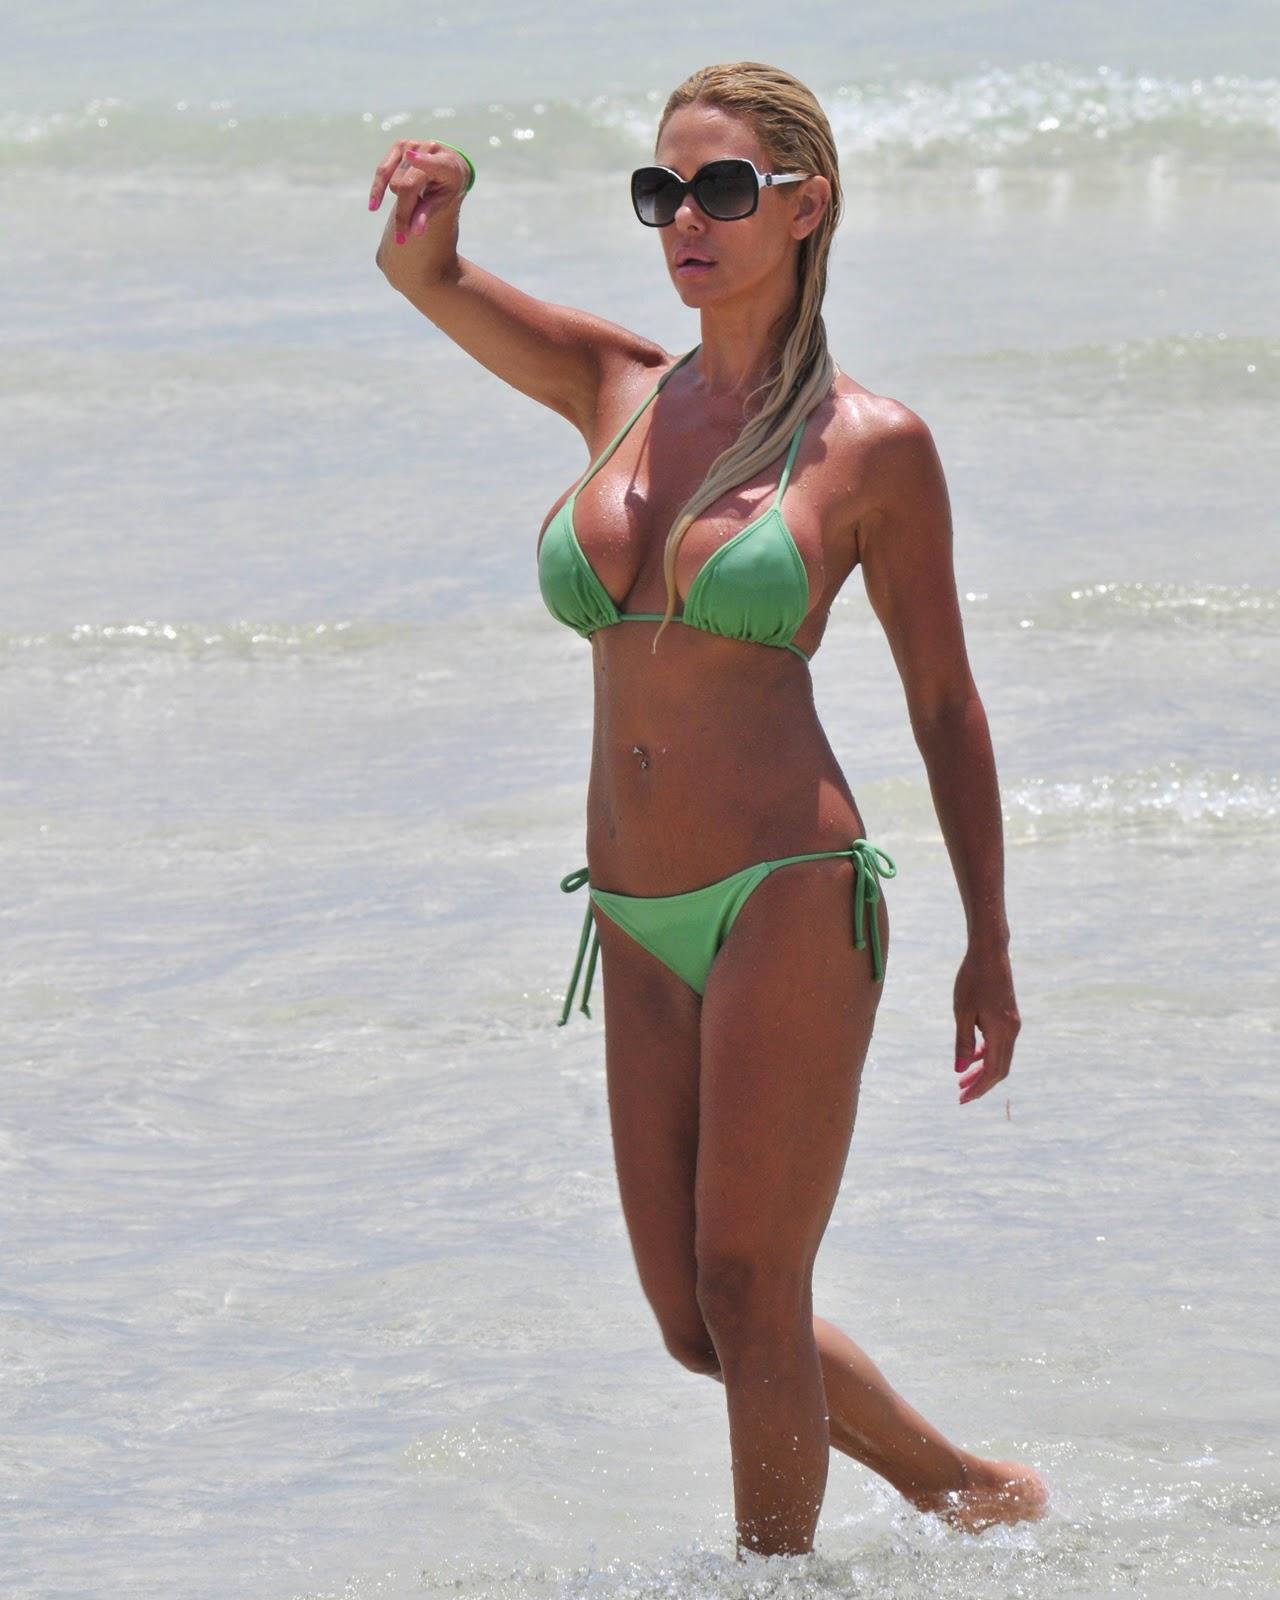 http://2.bp.blogspot.com/-VN16GiMx6s0/ToPE6ap1EPI/AAAAAAAAAYs/XGIO0RFOmHI/s1600/Shauna_Sand_bikini_01.jpg